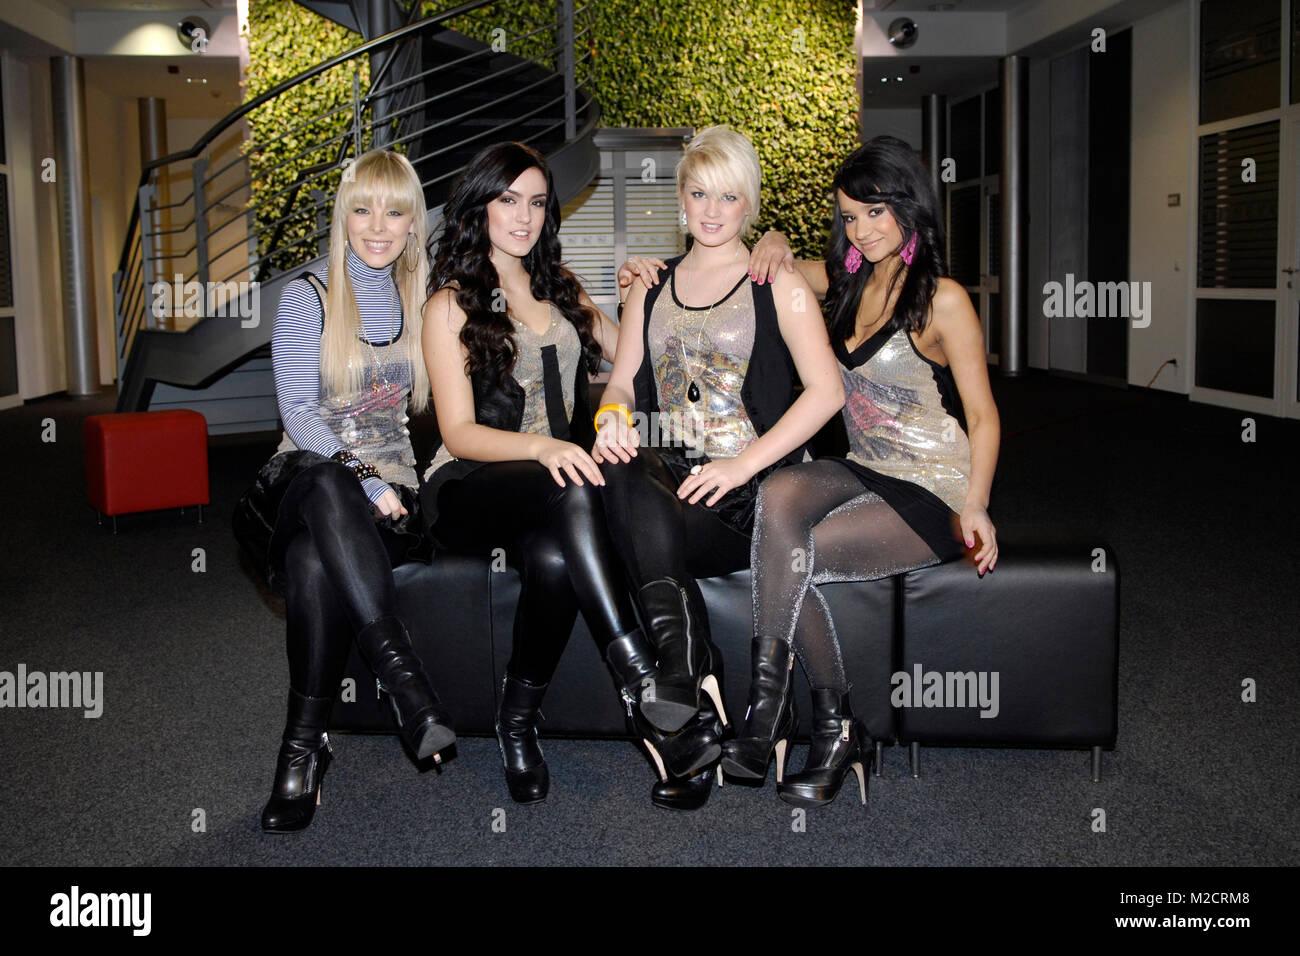 Sterben Pro7 - Popstars Girlband QUEENSBERRY (v. li. Leo, Antonella, Victoria und Gabriella) bei einem Promotiontermin Stockbild